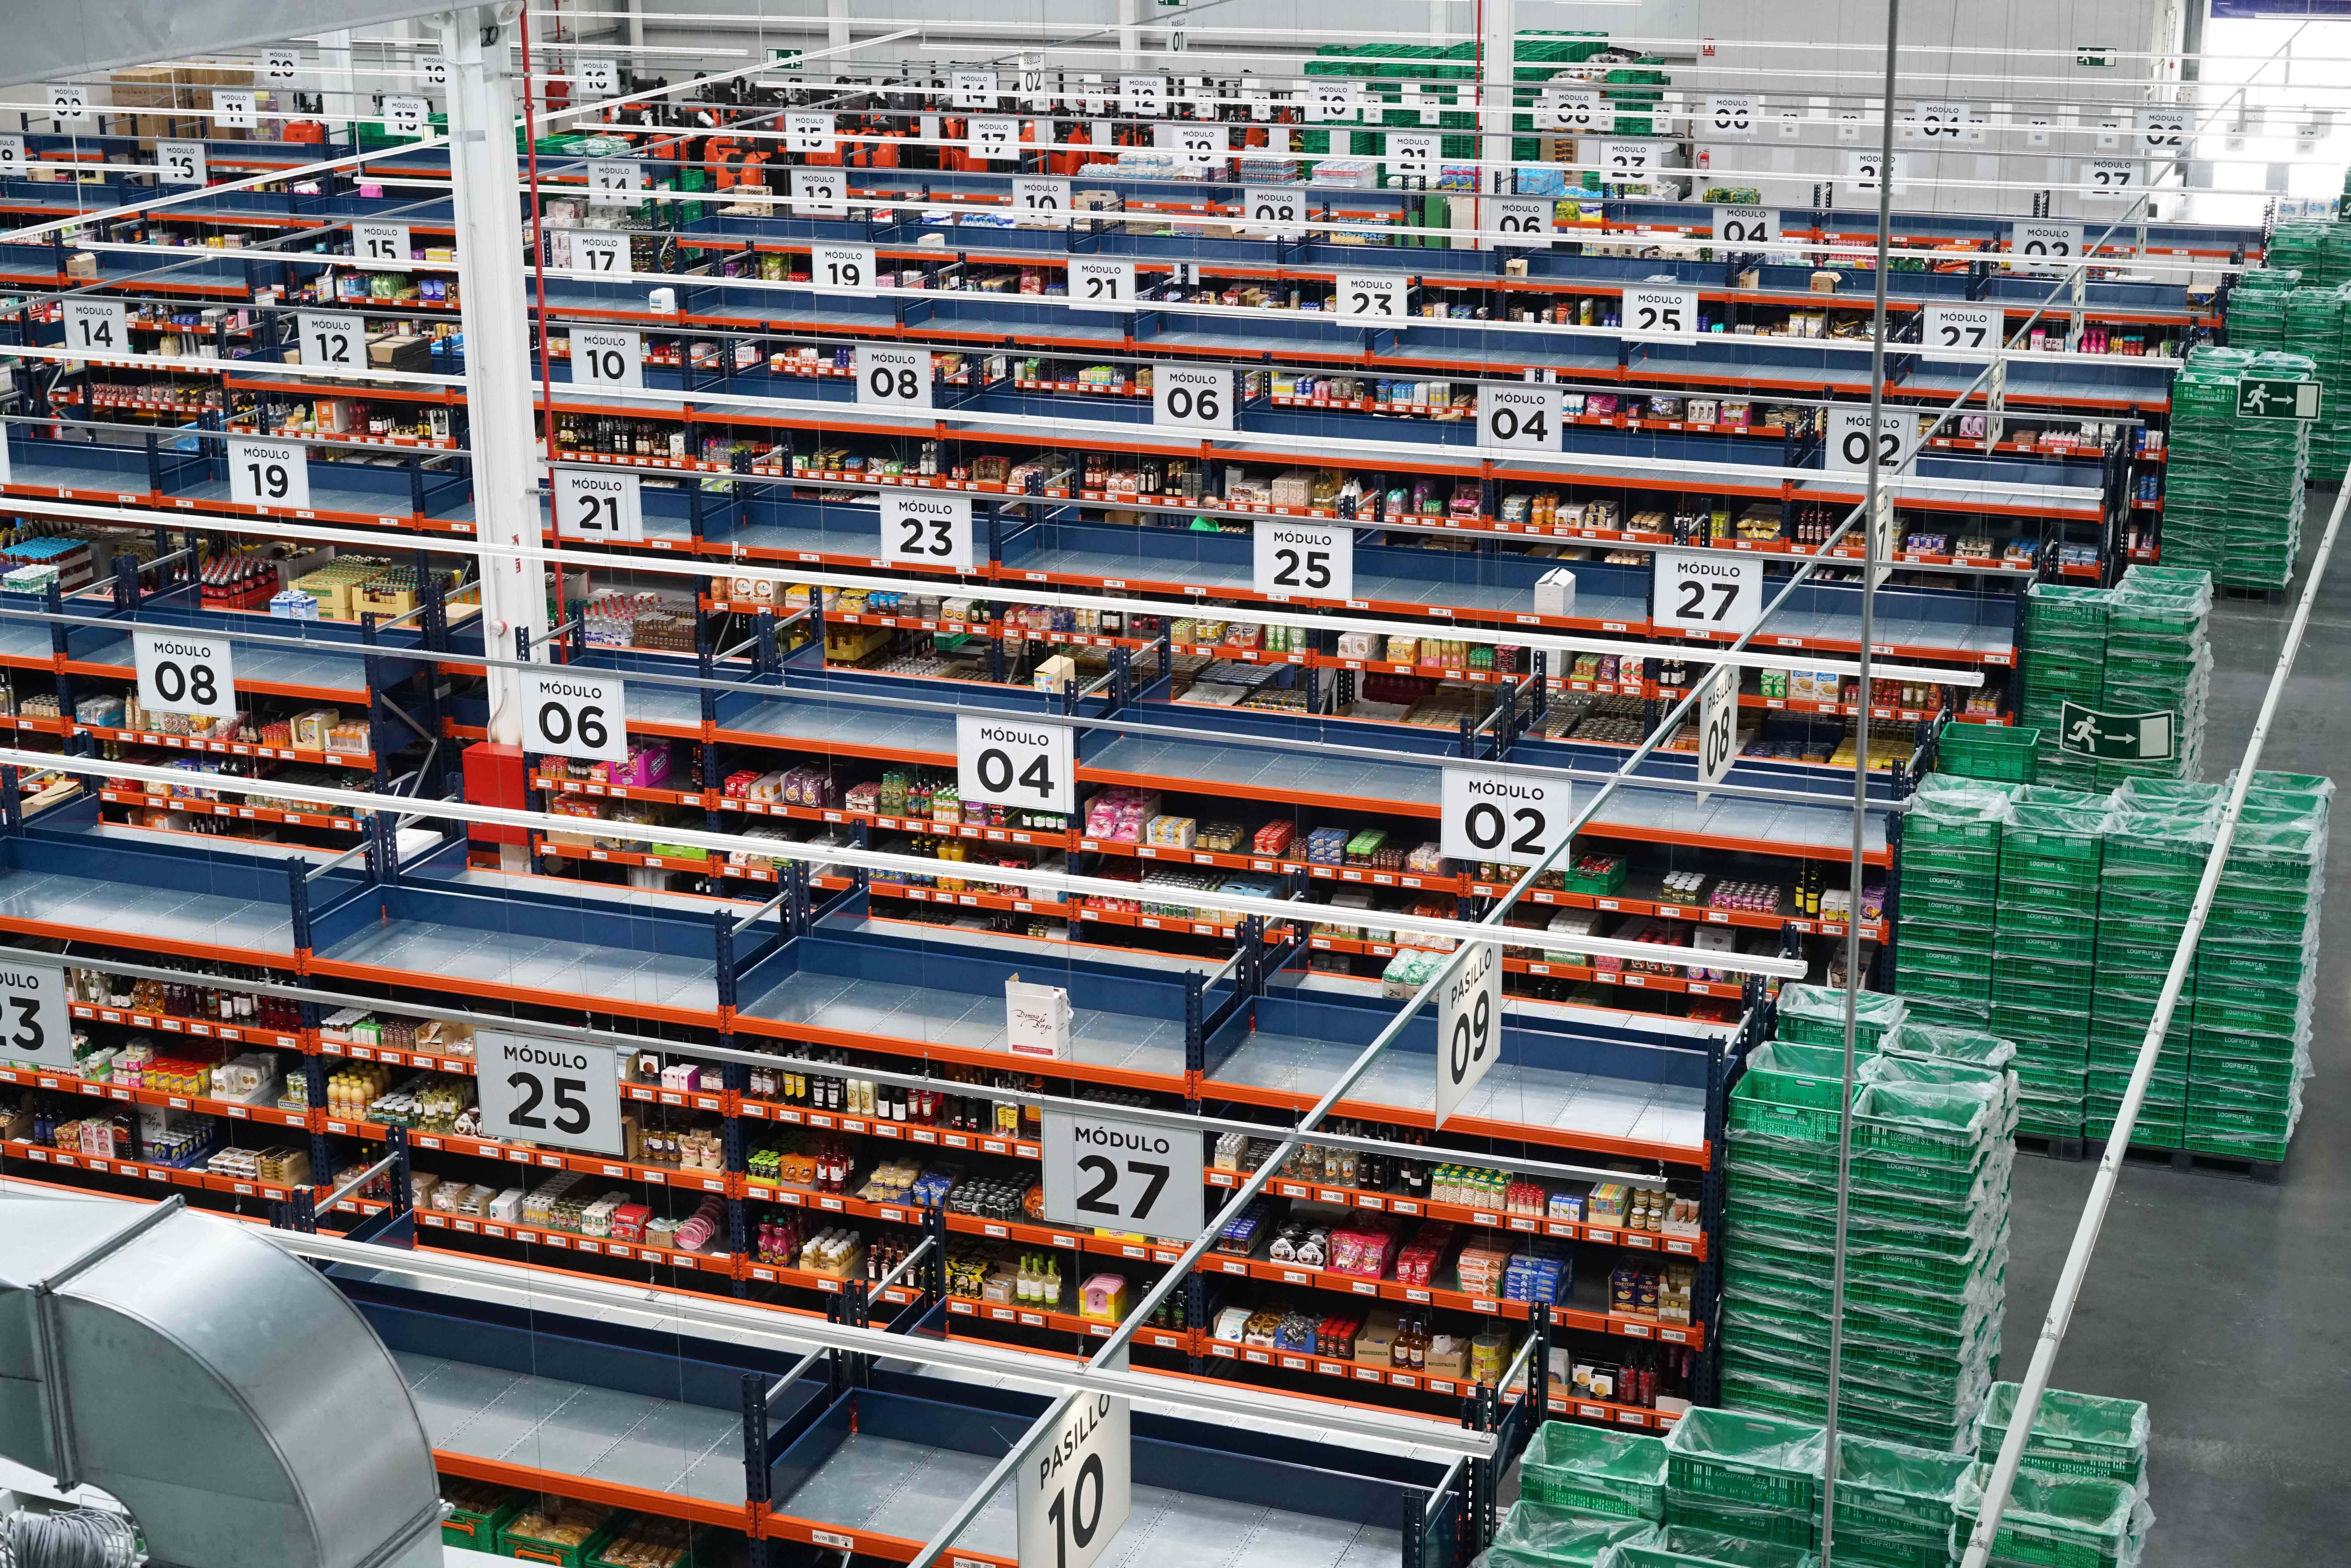 Mercadona compra una parcela en Alicante para instalar su segunda plataforma logística de compra 'online'